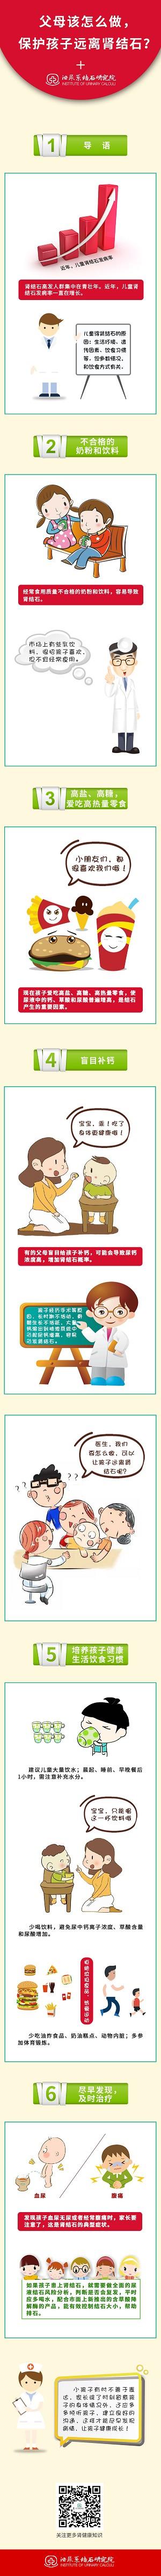 如何防止儿童得肾结石?